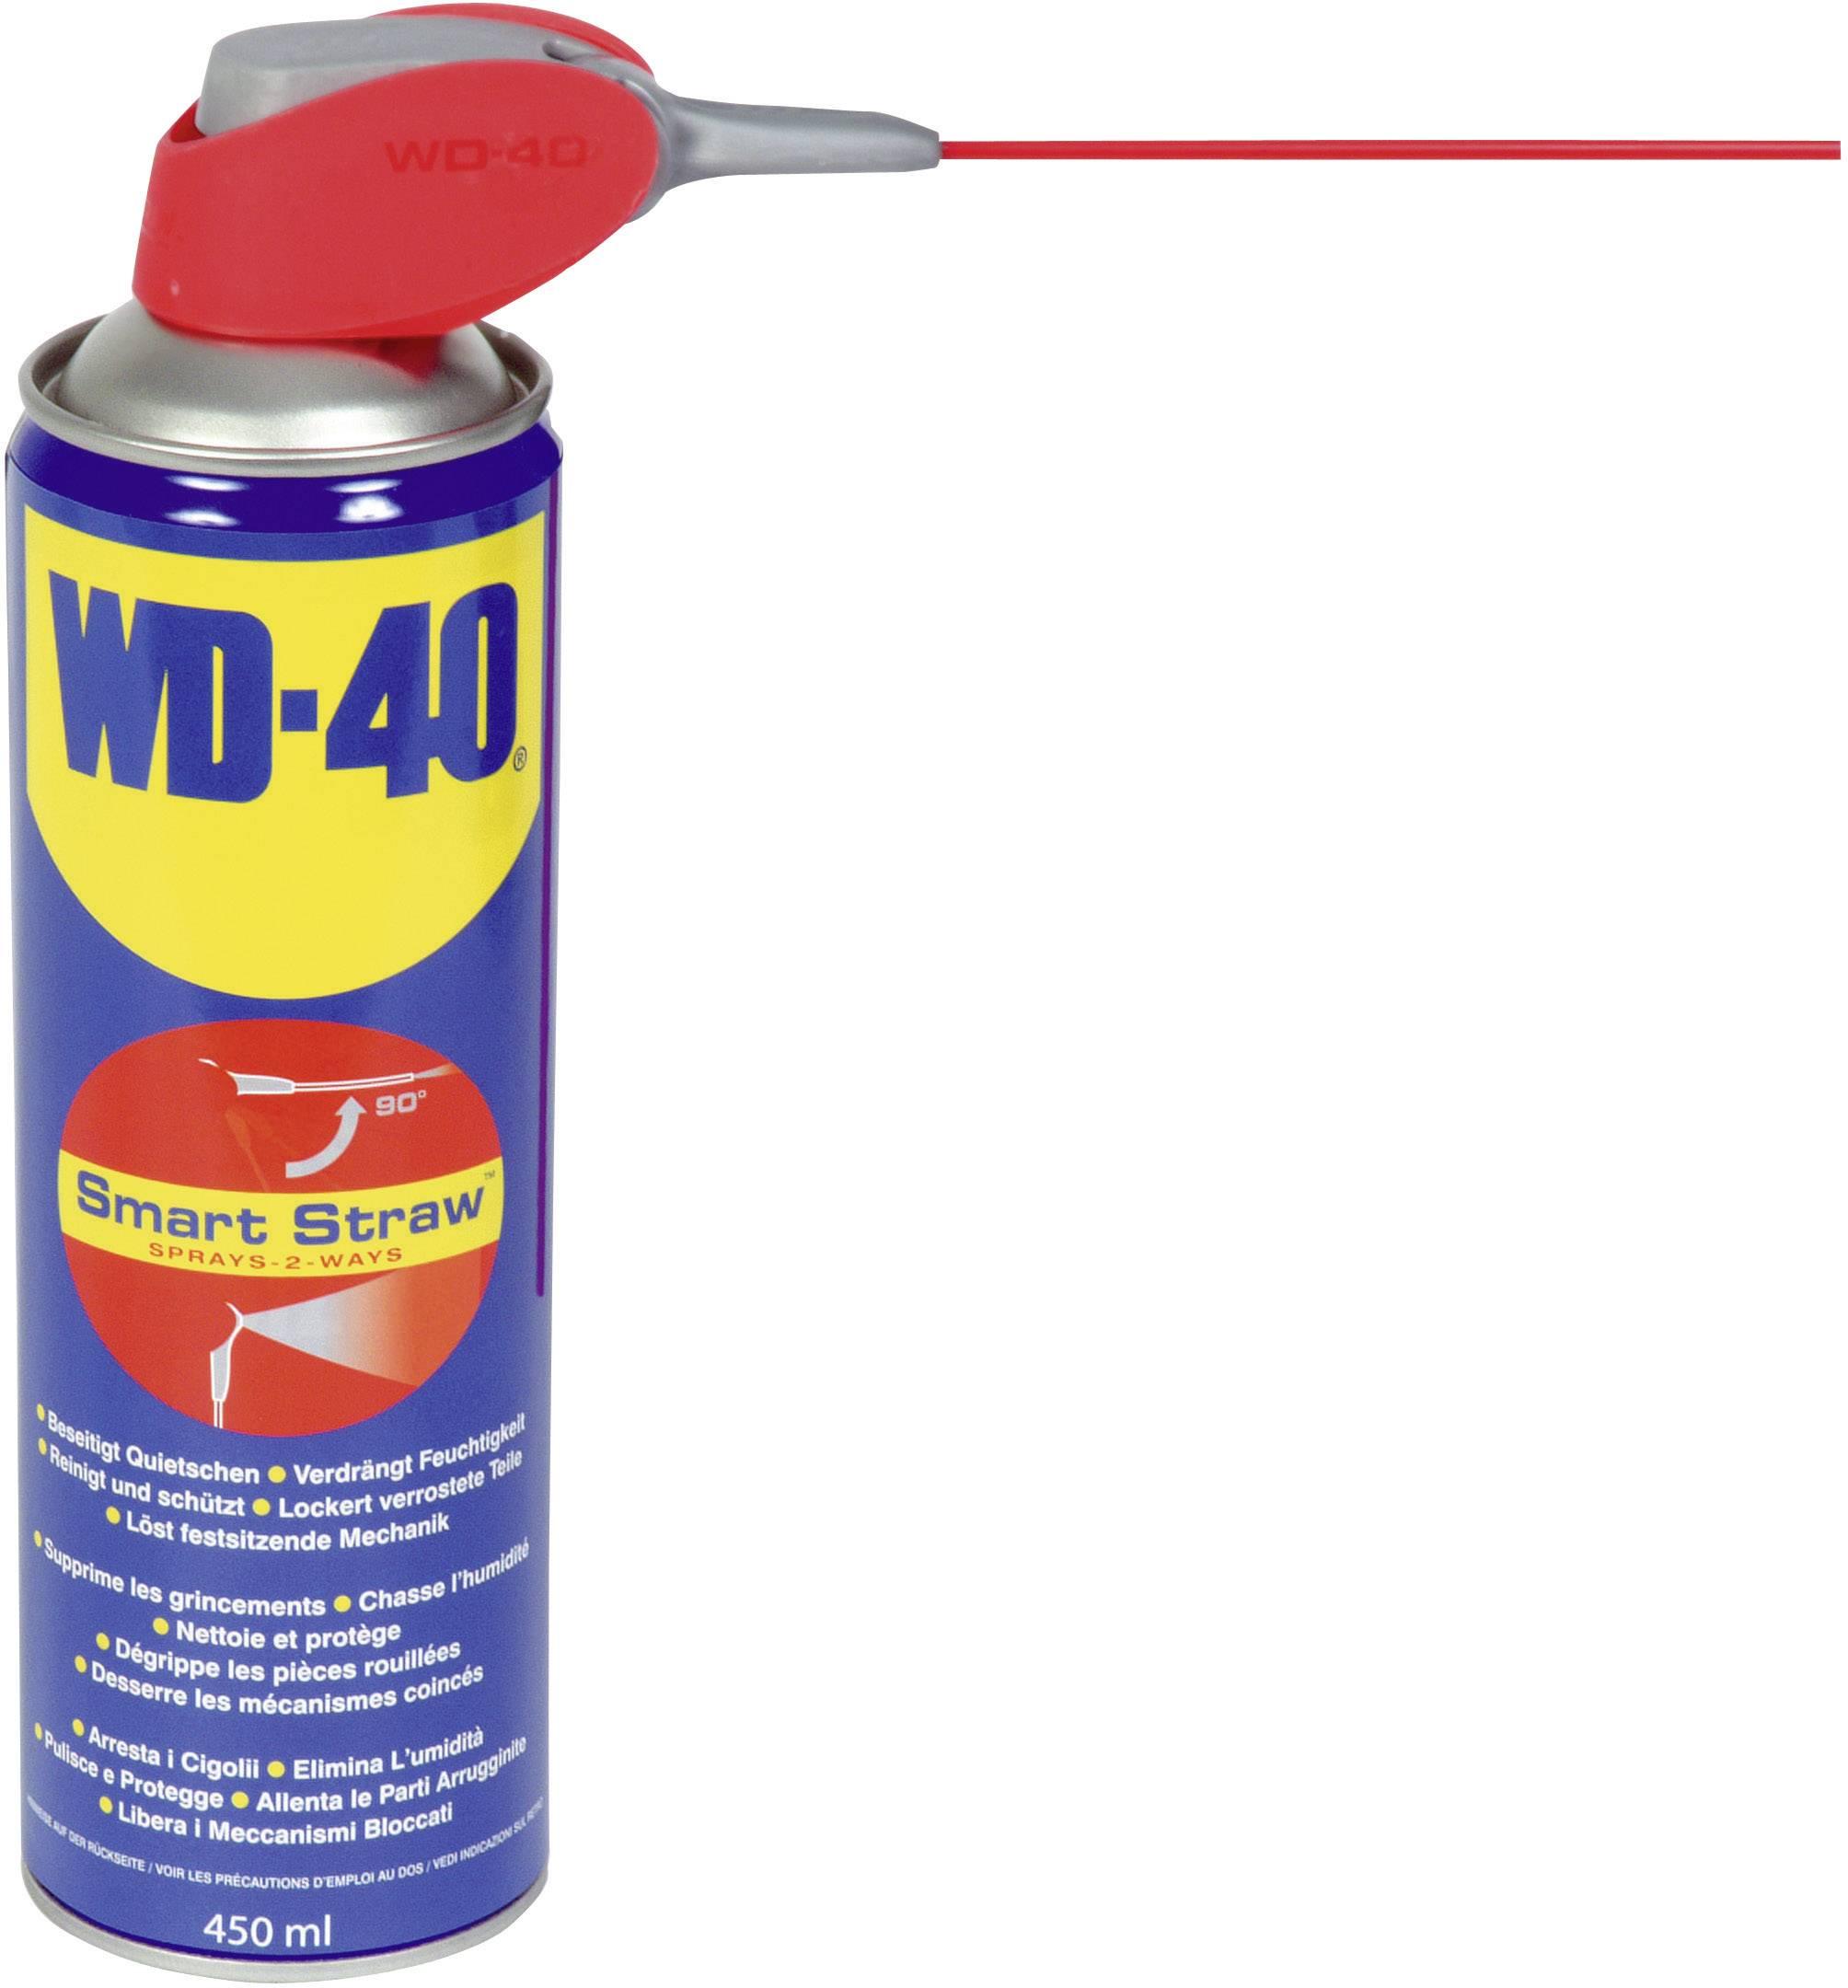 Komplett Neu Multi-Öl WD40 Company Smart Straw™ 41037 450 ml online kaufen  CQ05